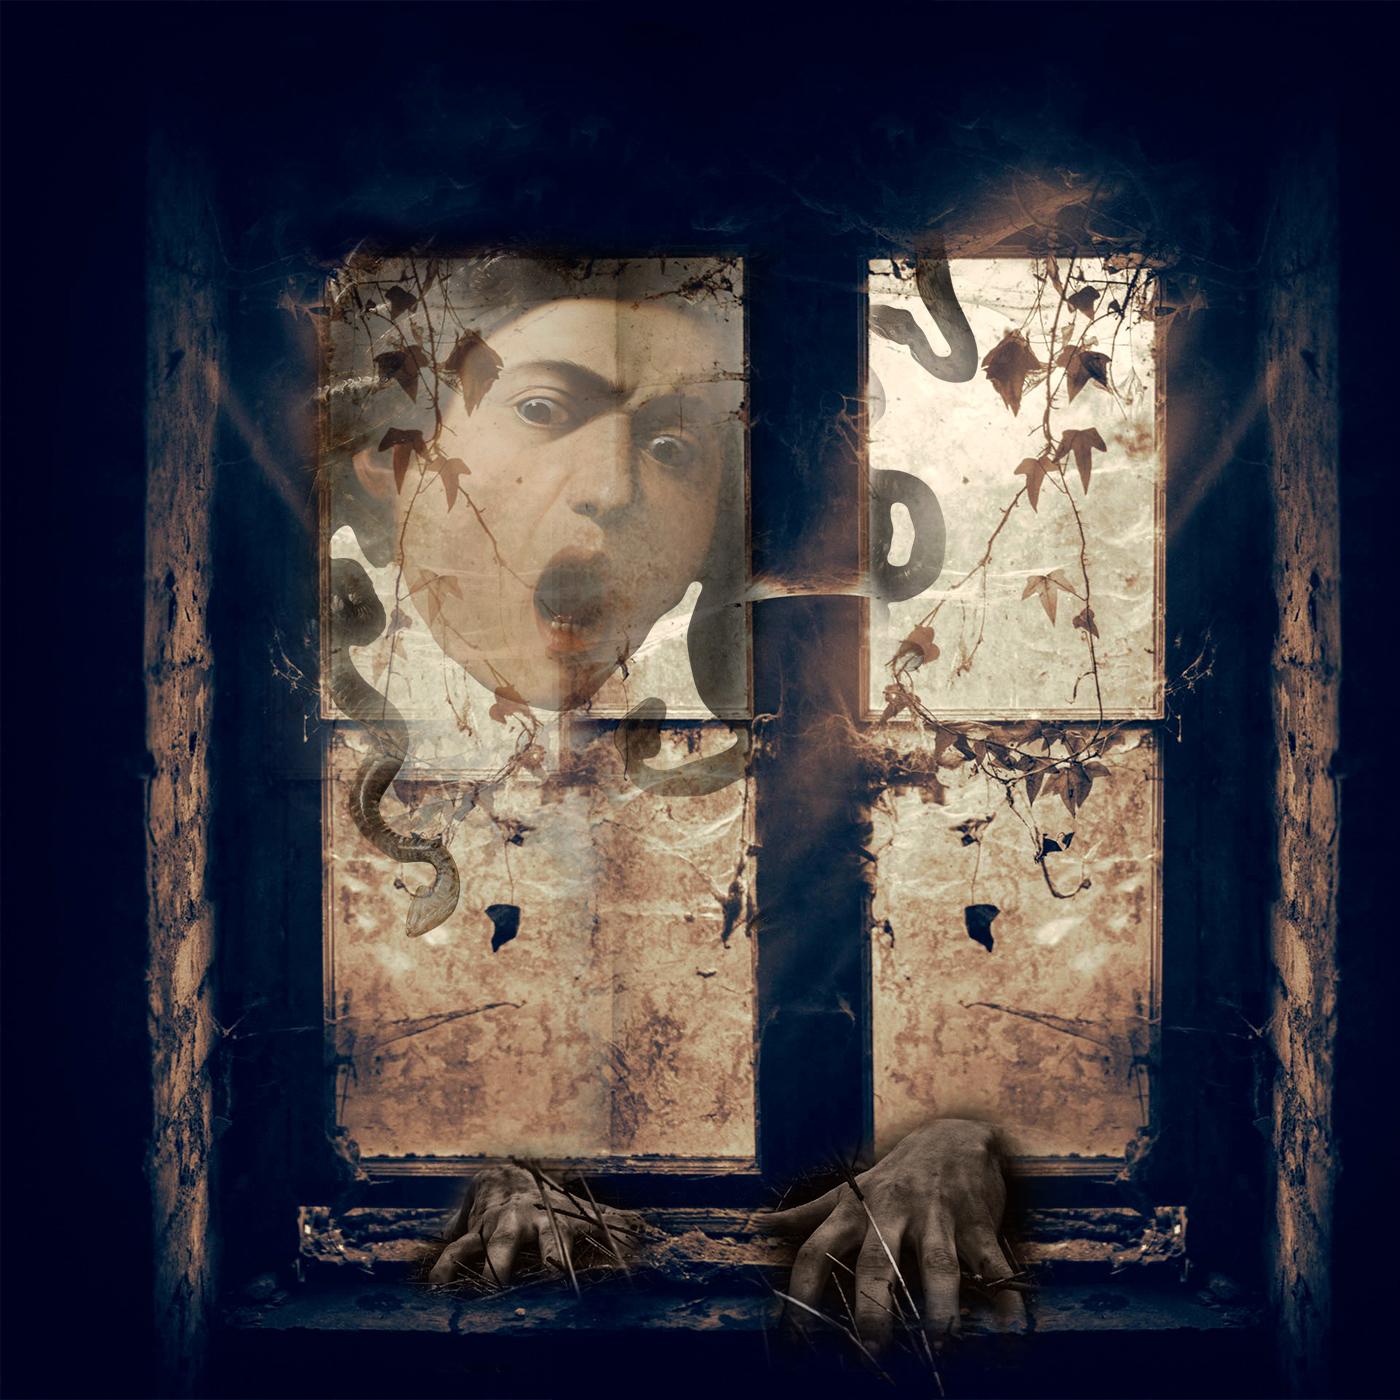 Ventana con la Medusa de Caravaggio asomada y unas manos que arañan el marco. Evoca el miedo y el terror. Loco Mundo Arte y Bohemia